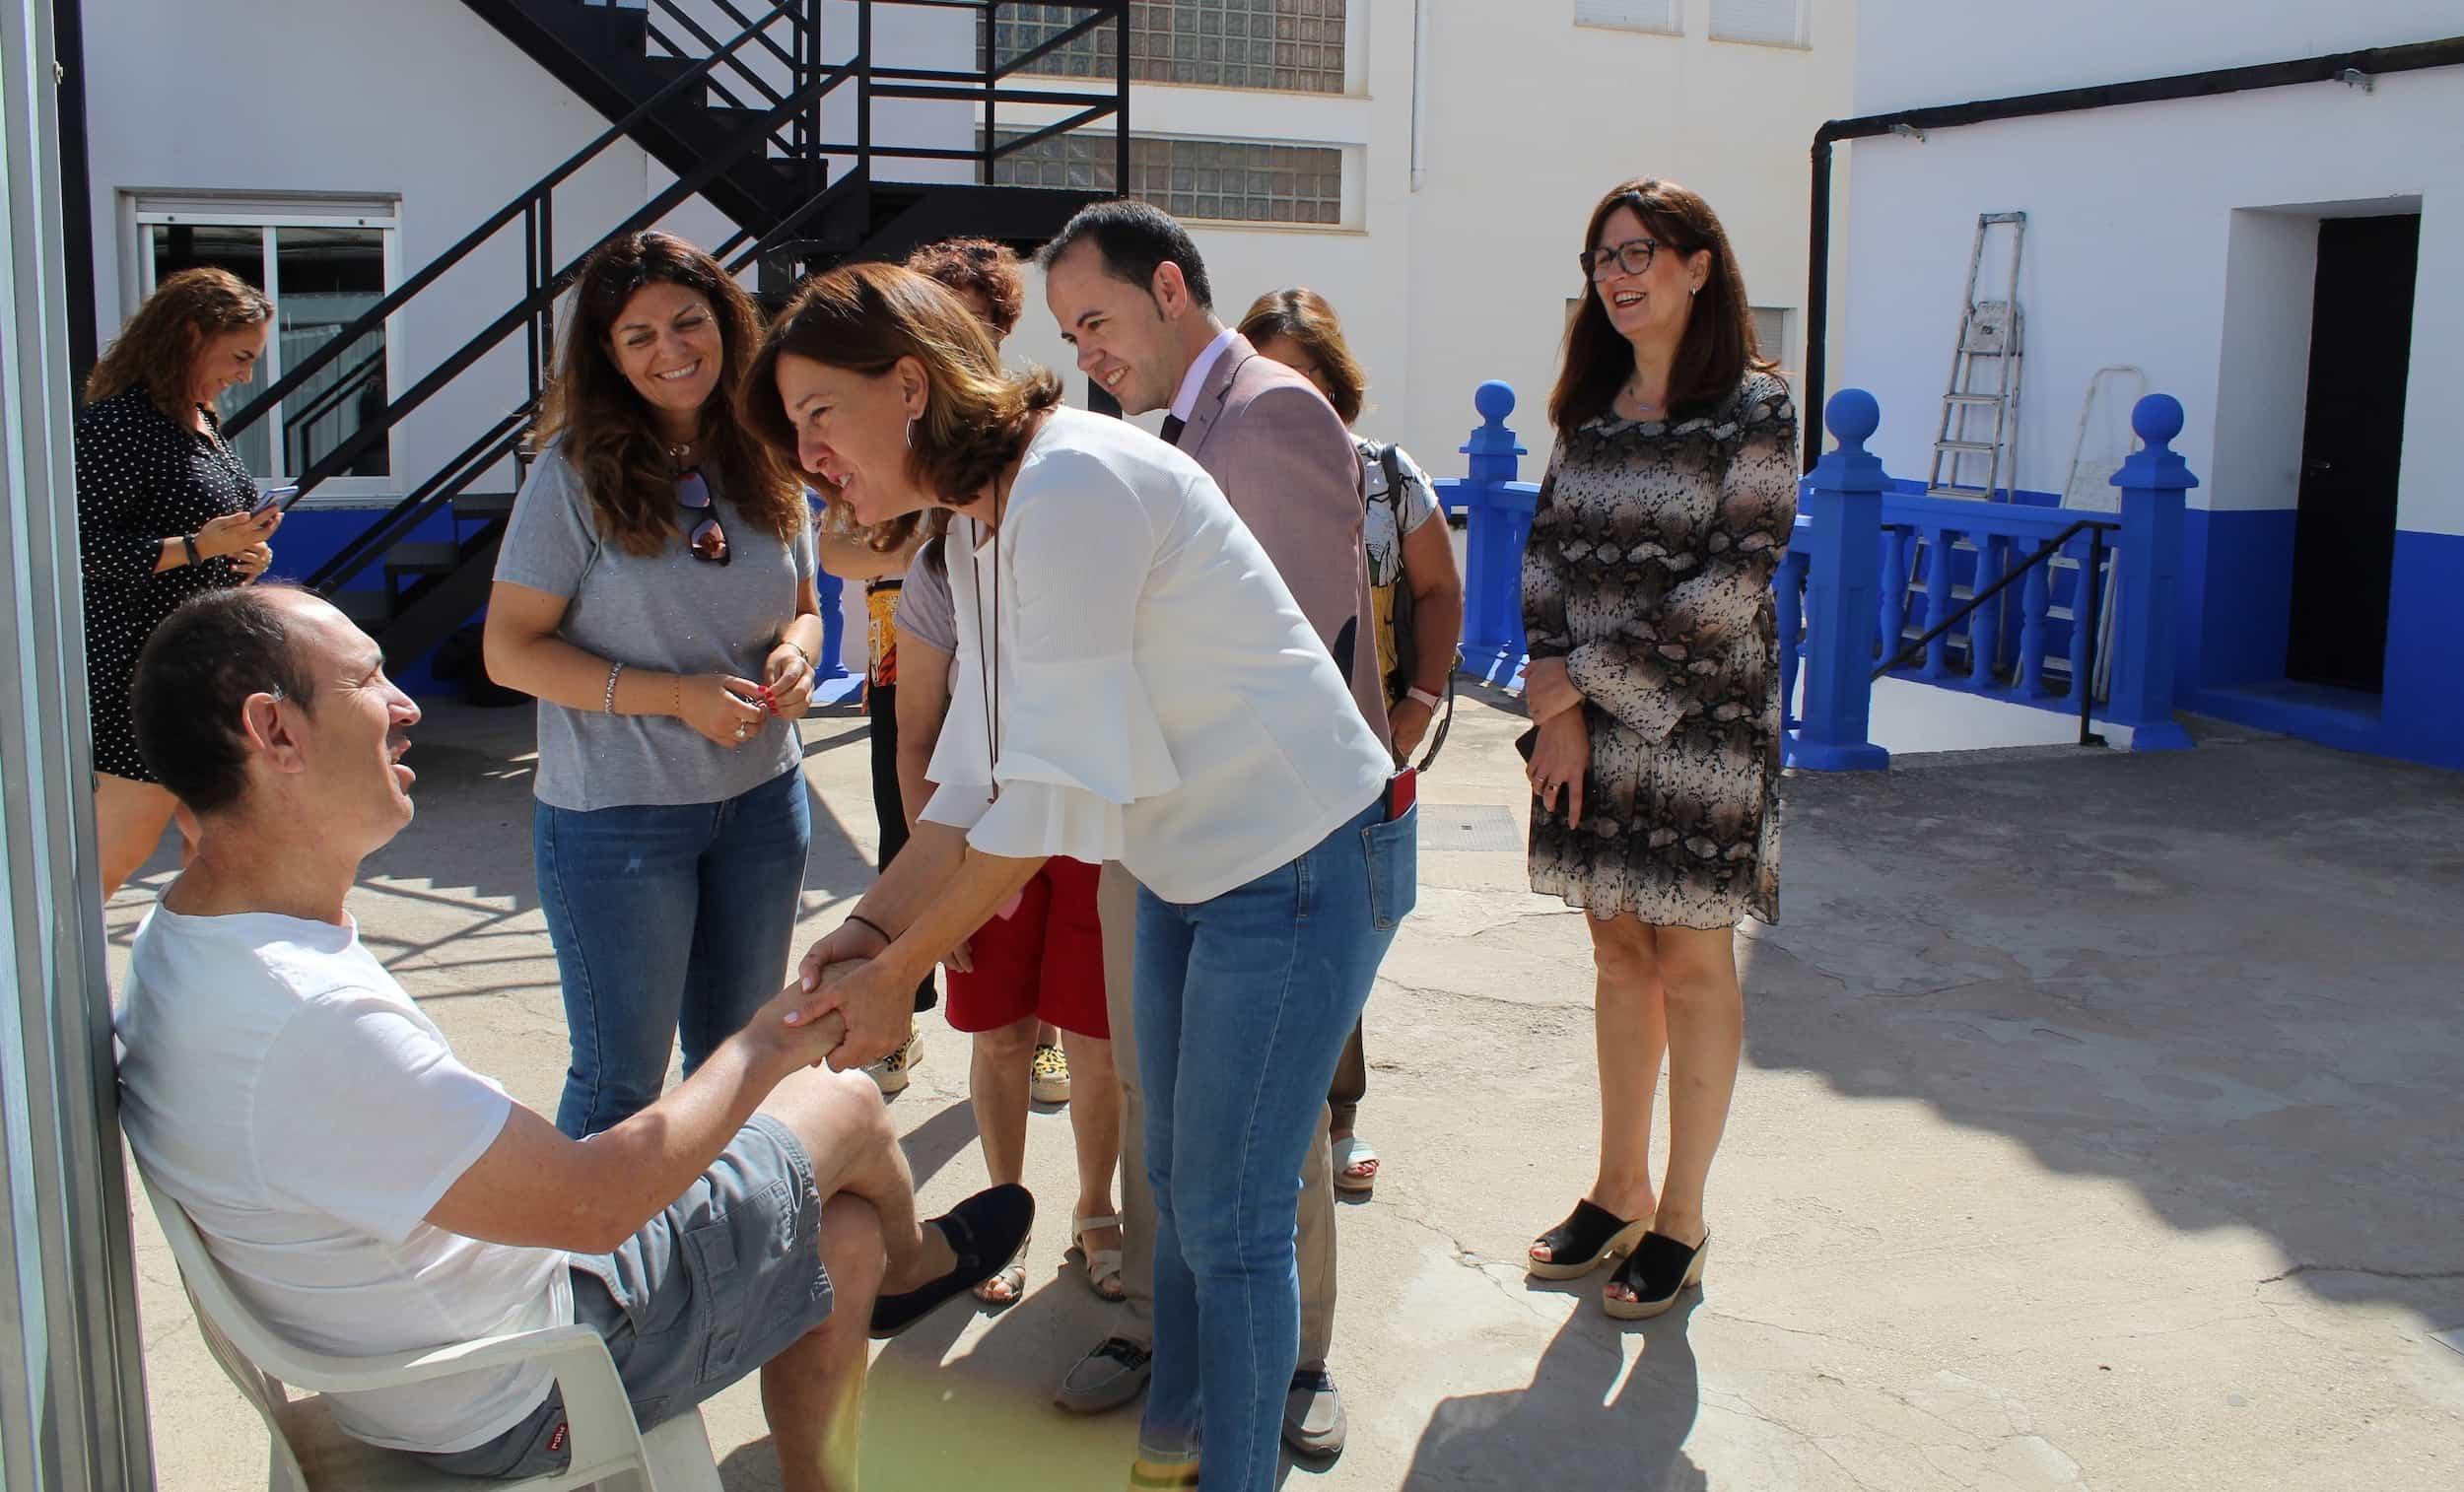 visita consejera igualda blanca a herencia 1 - La consejera de Igualdad y portavoz ha visitado Herencia (Ciudad Real)